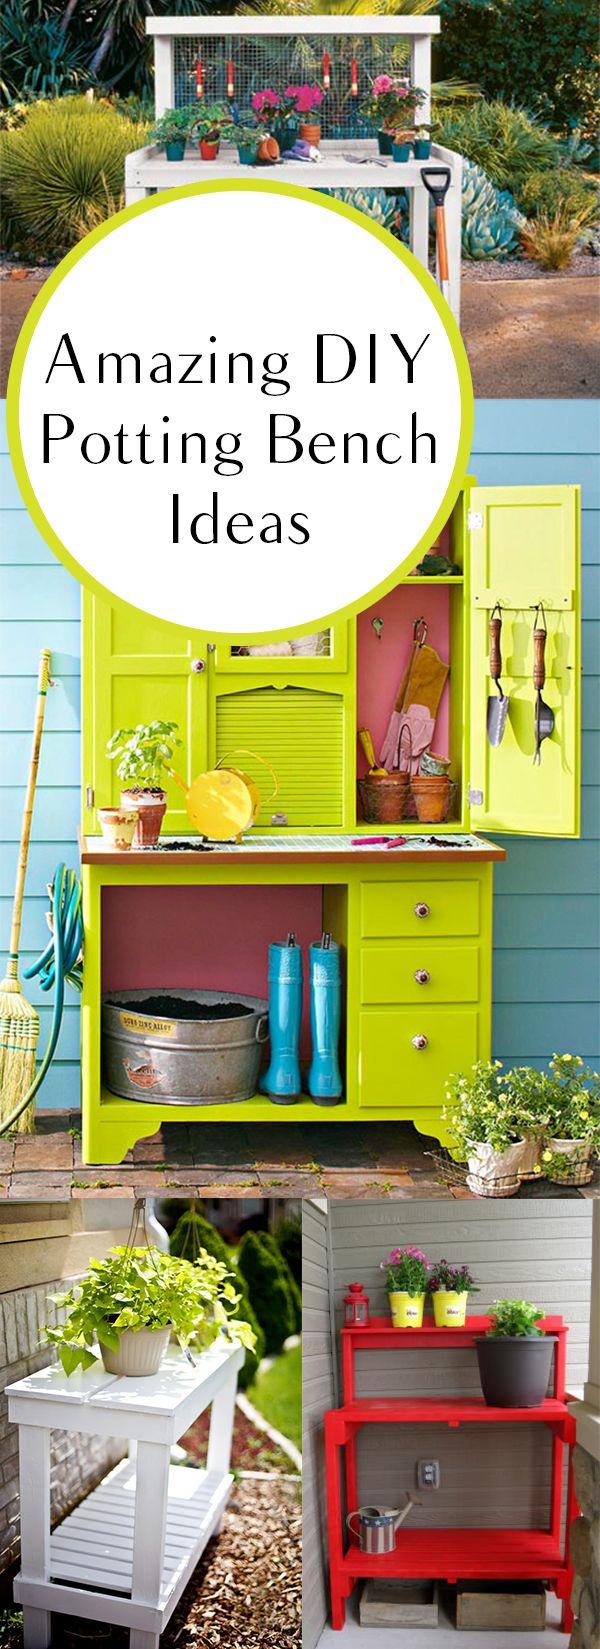 188 best POTTING BENCH IDEAS images on Pinterest Potting sheds